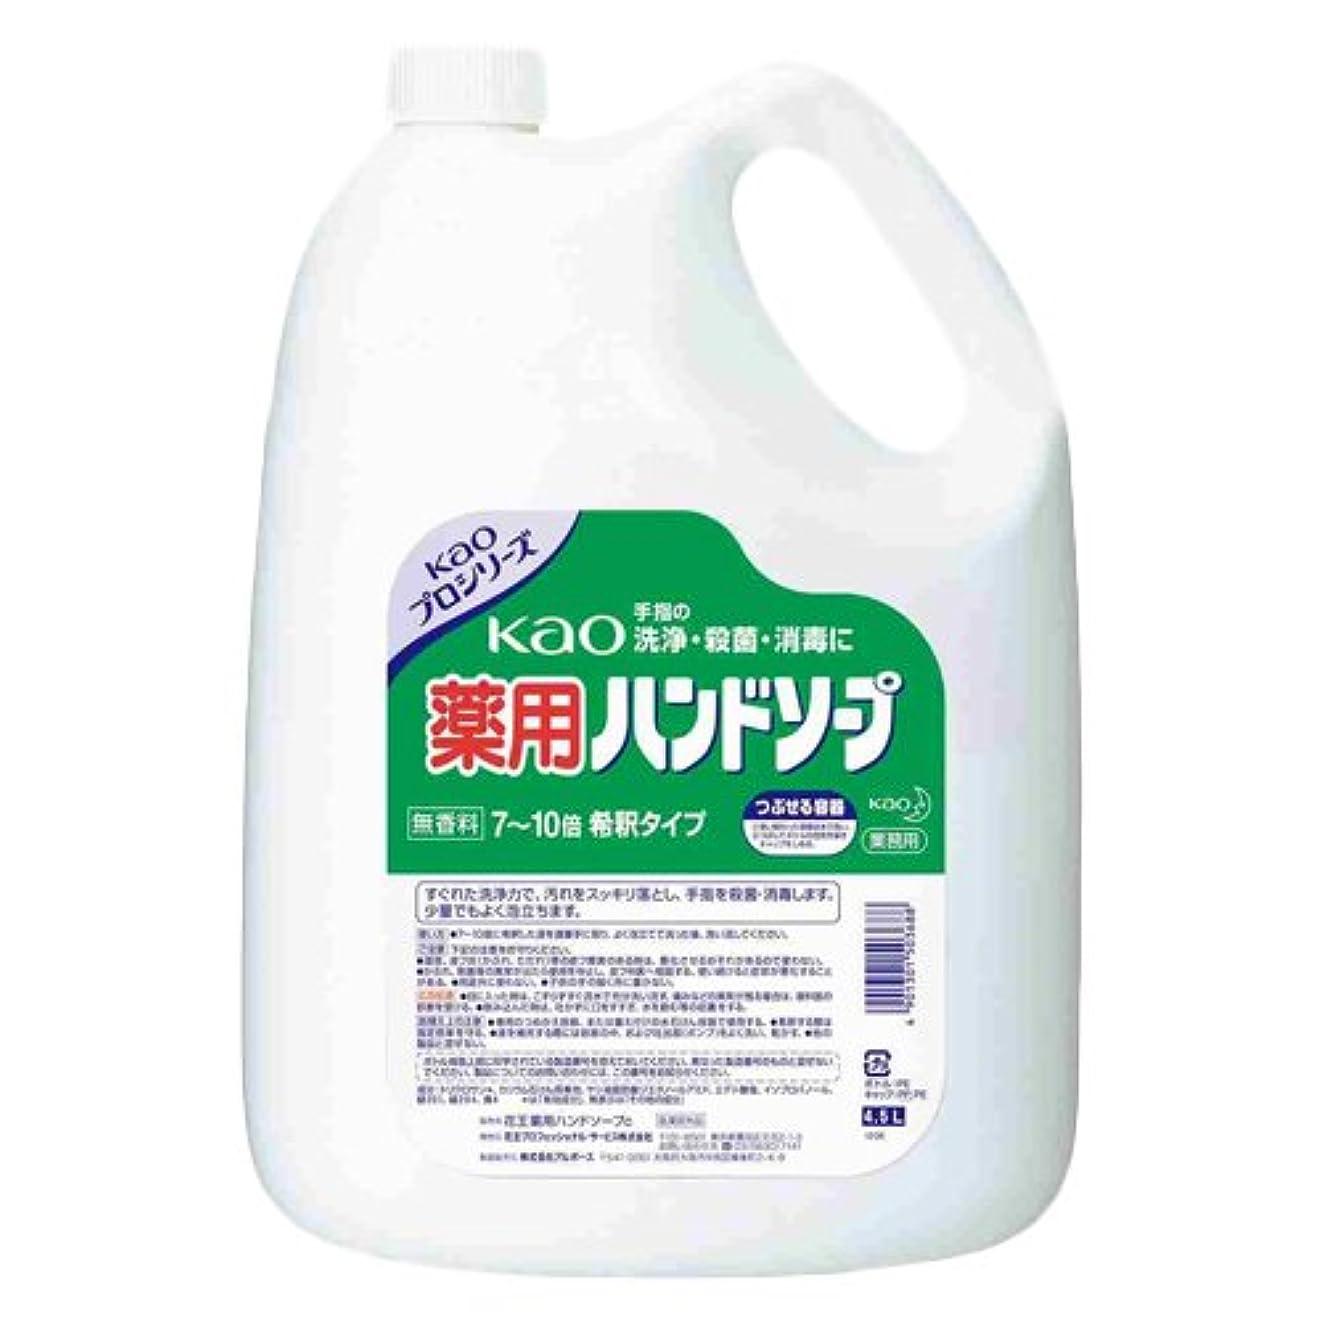 お金ゴム排泄物喉が渇いたKao 薬用ハンドソープ 4.5L×3個